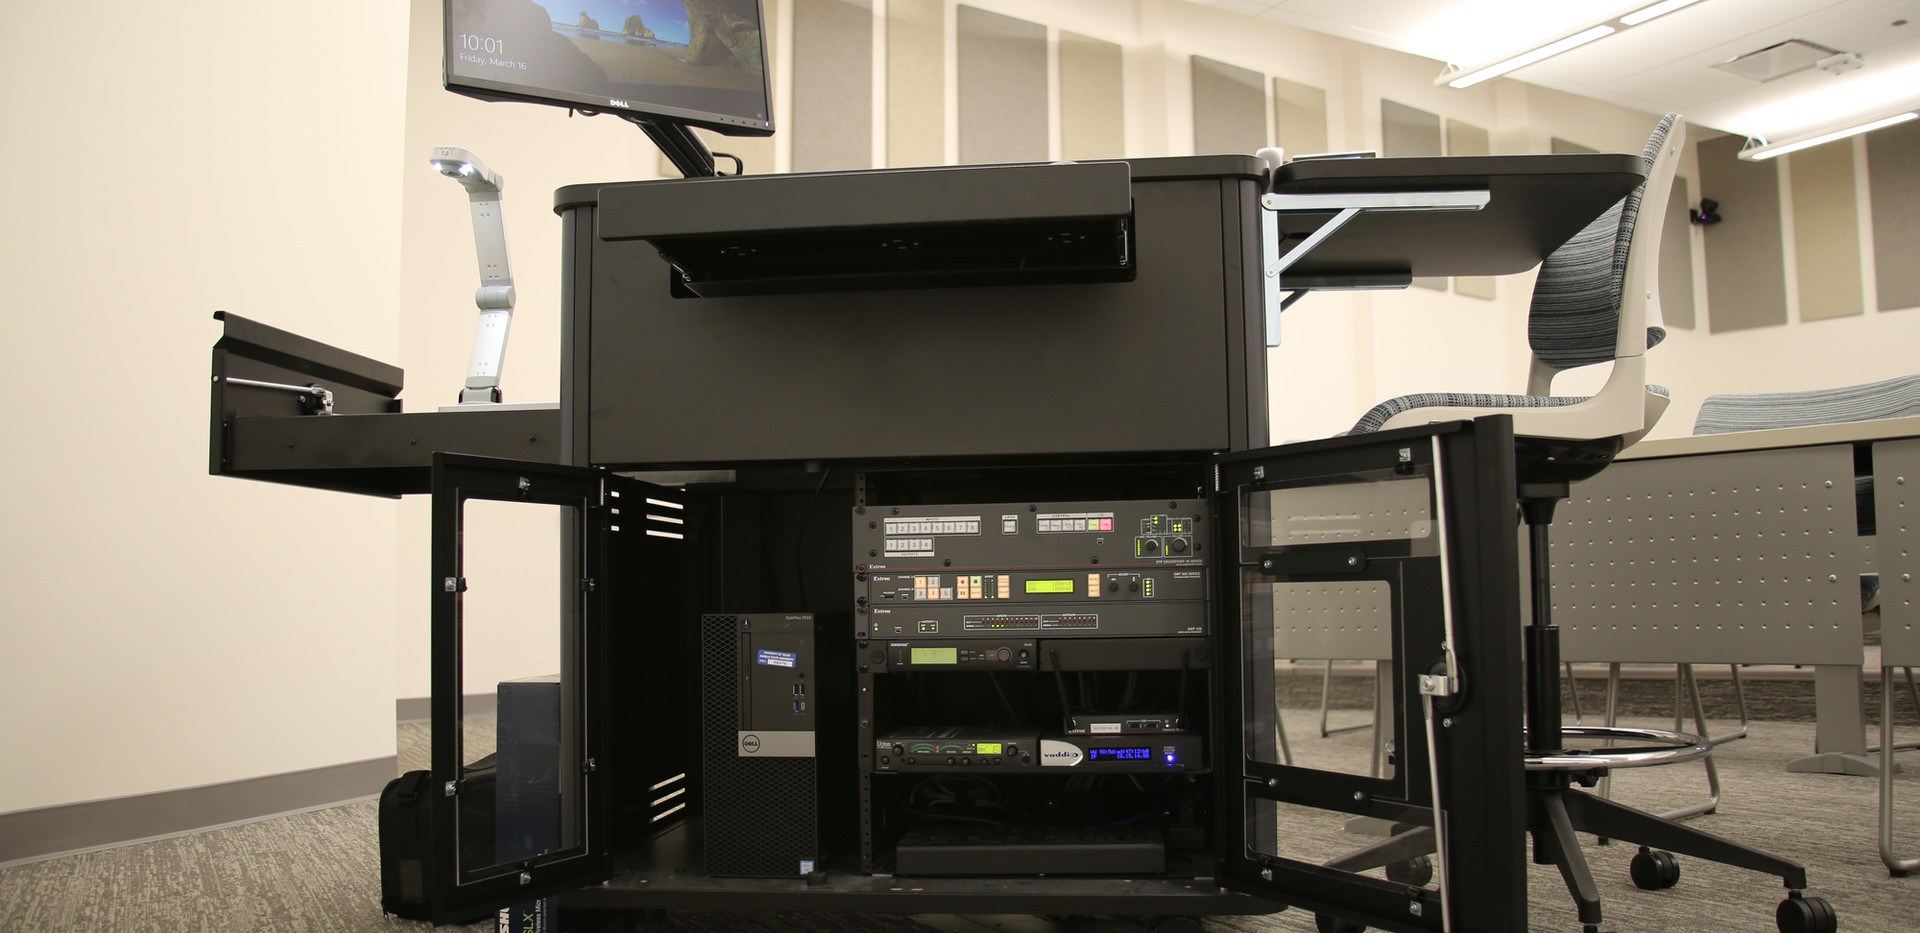 AV equipment in lectern